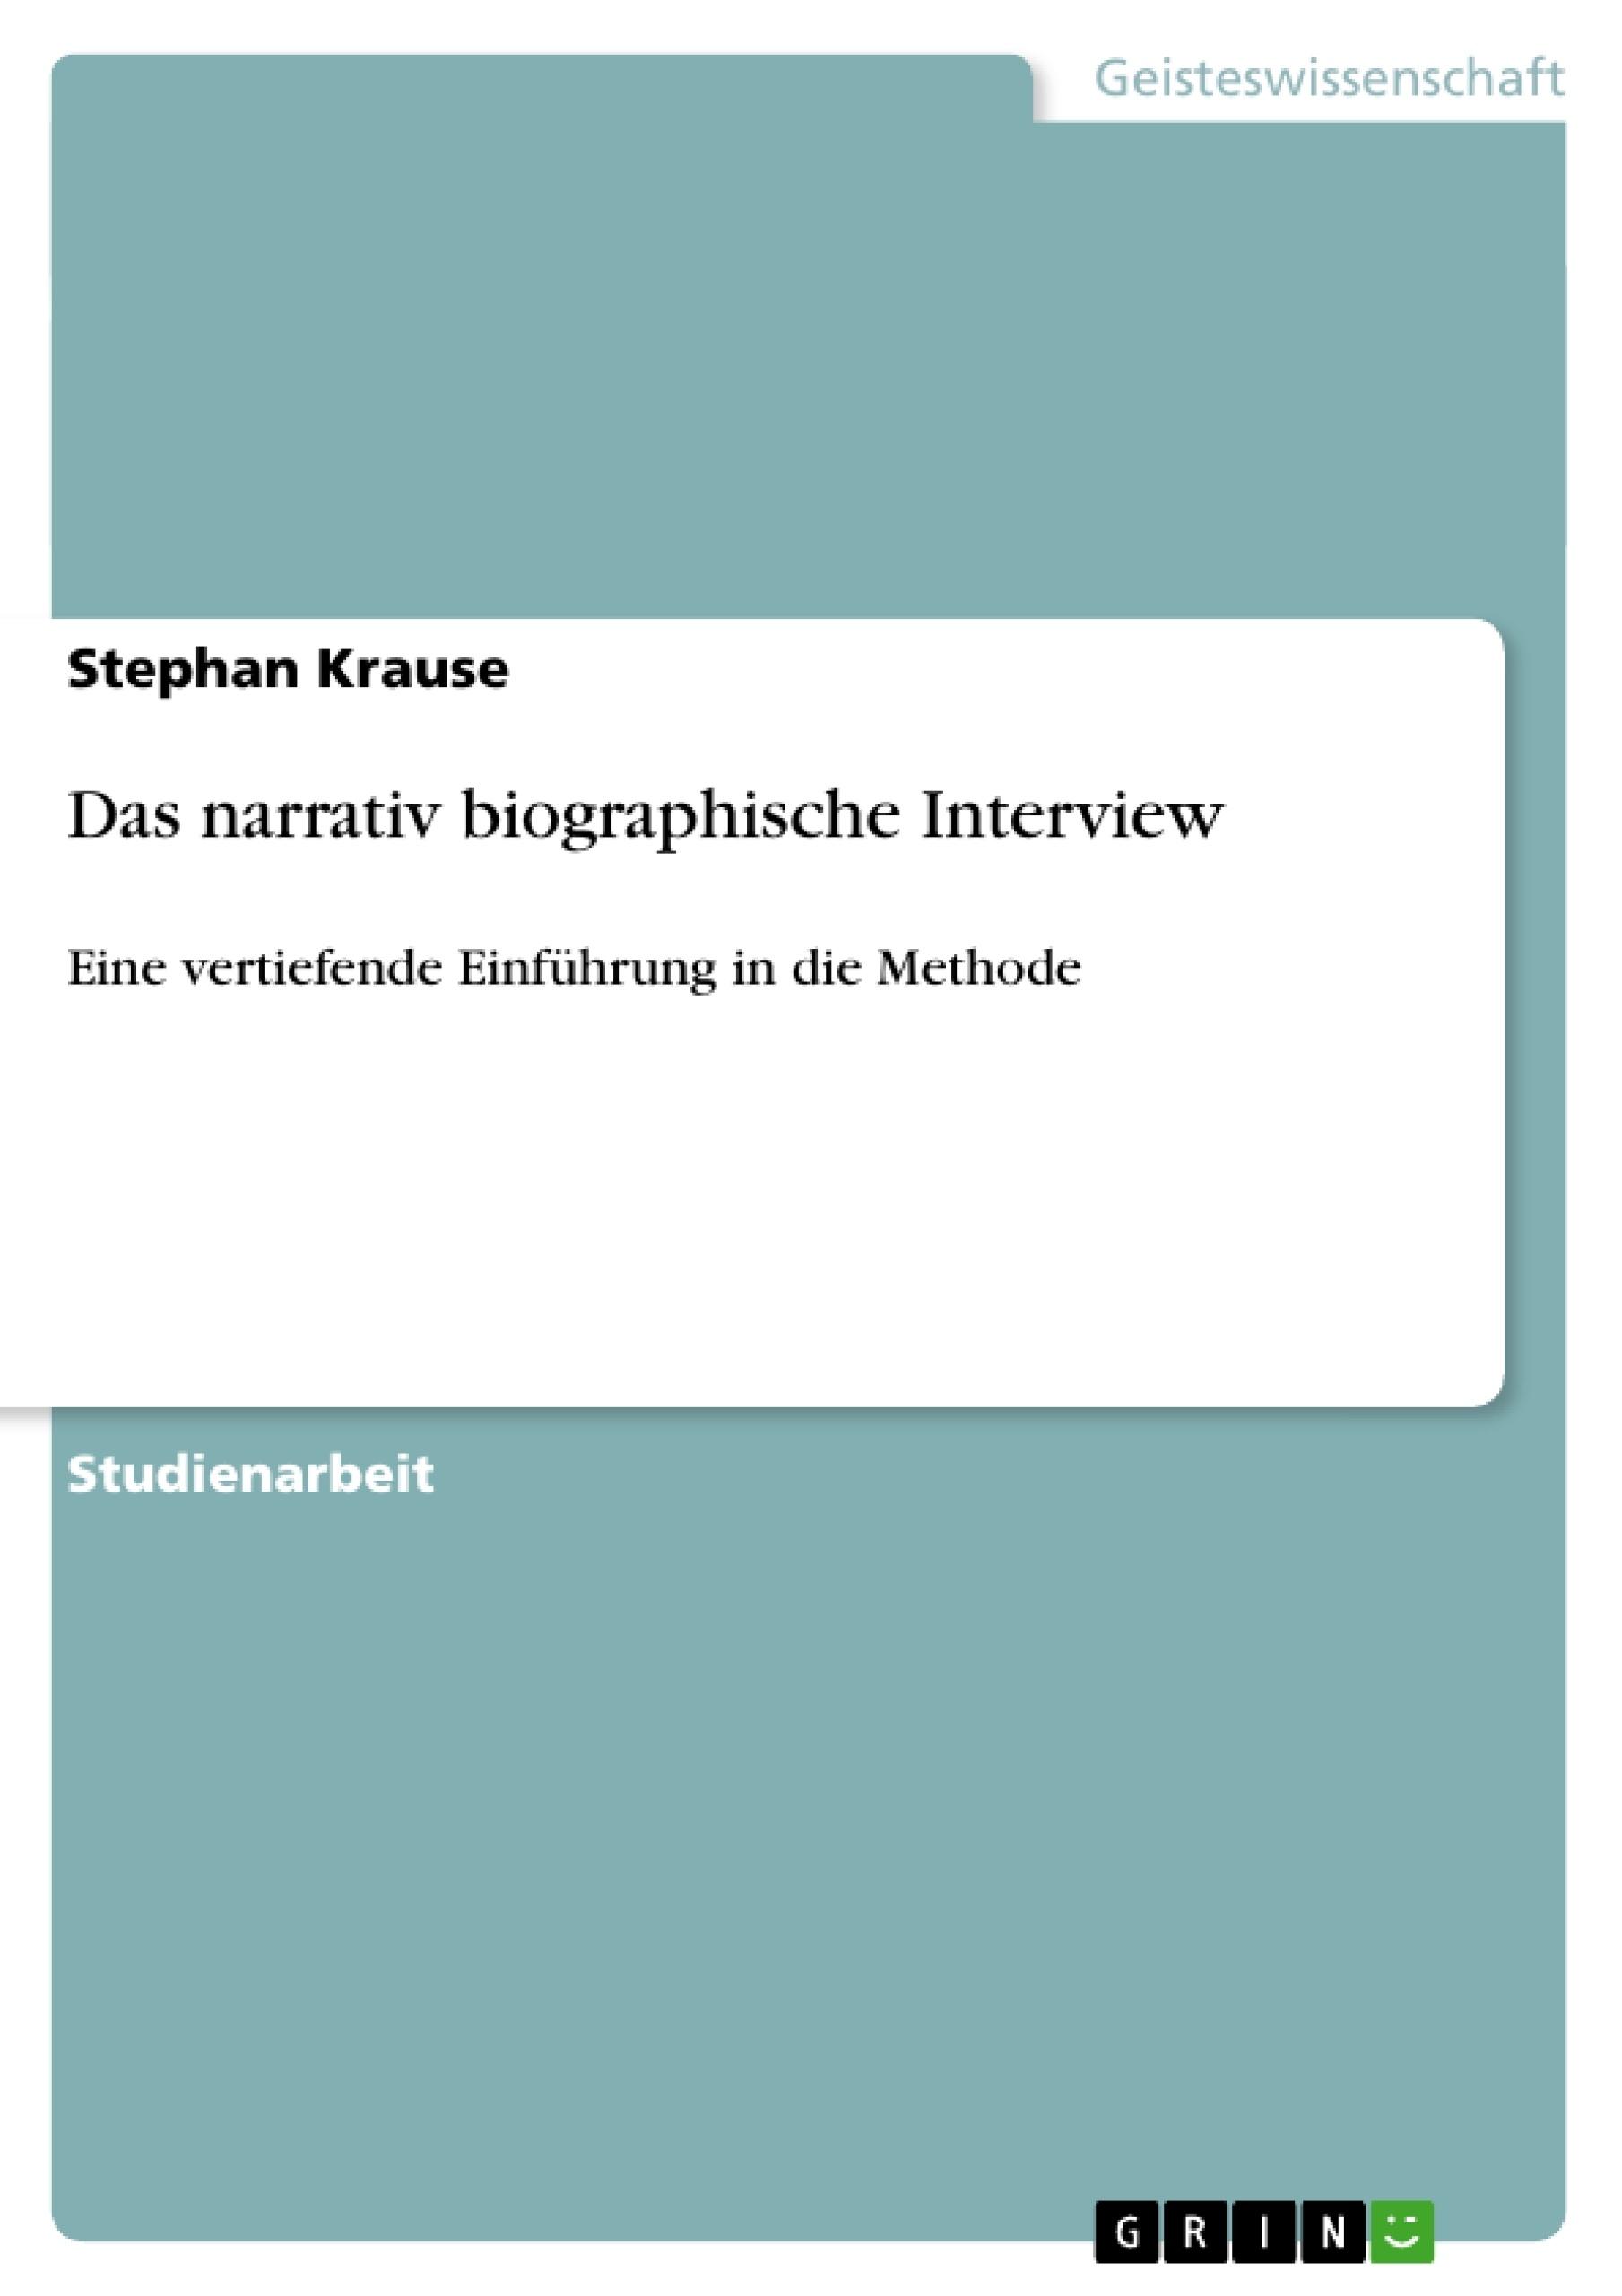 Titel: Das narrativ biographische Interview